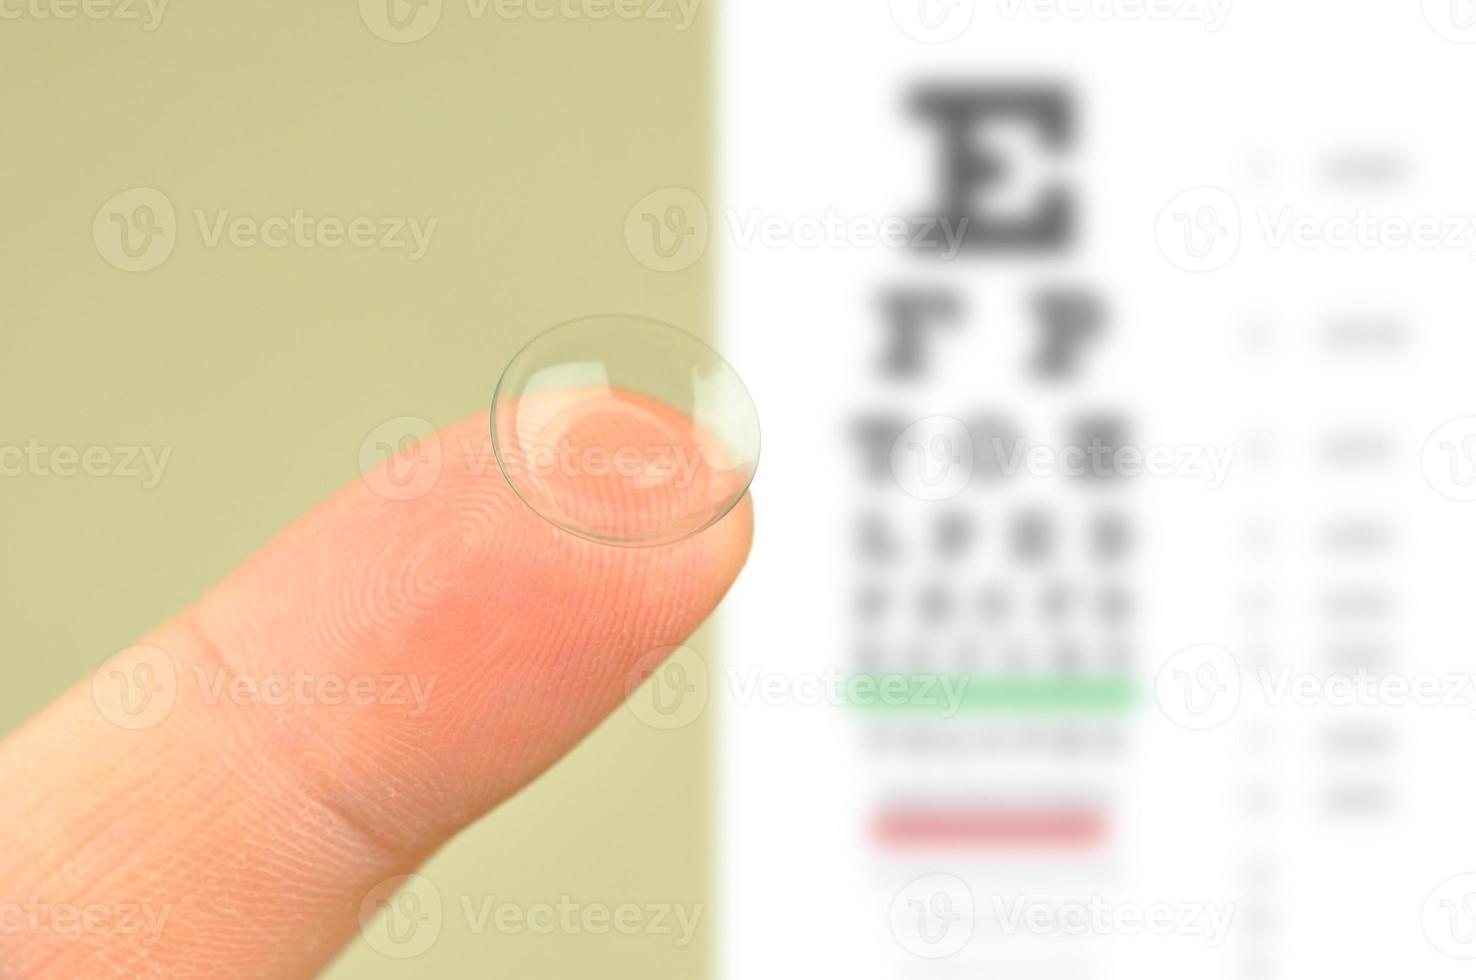 kontaktlins och ögonprovdiagram foto